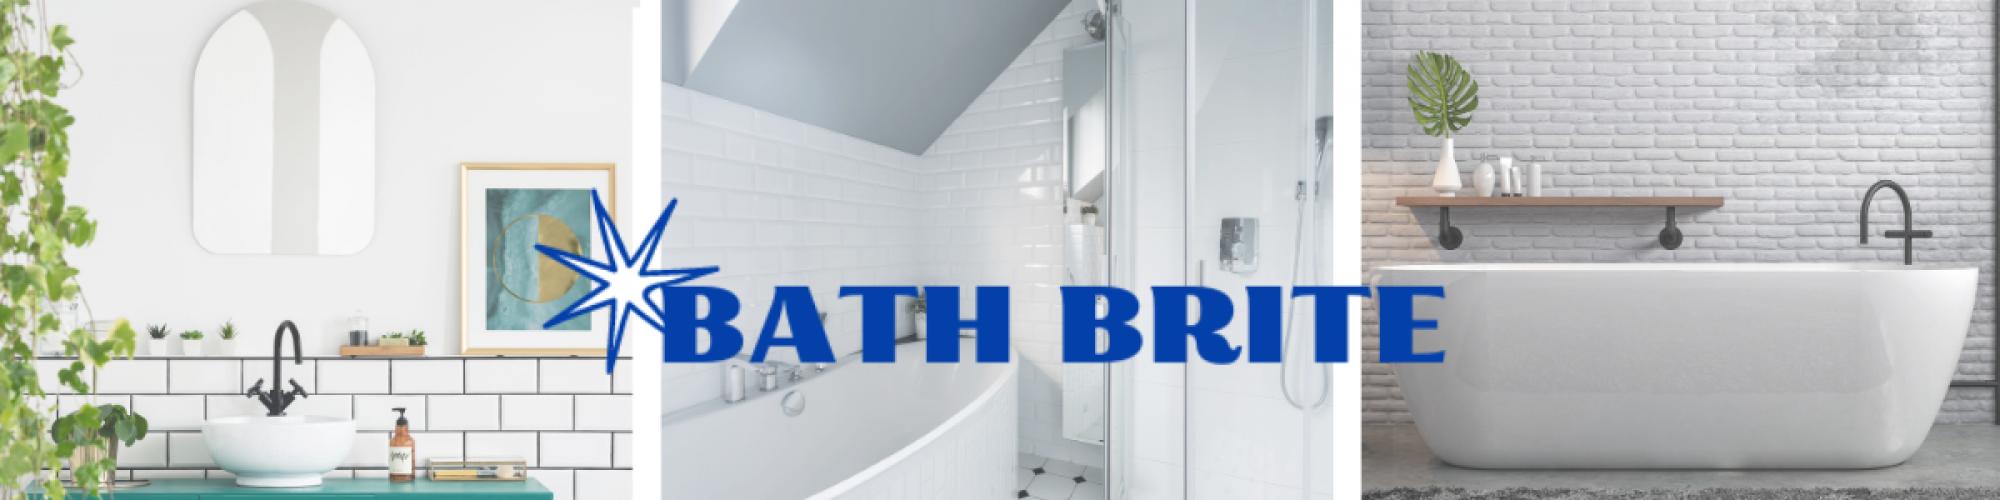 Bath Brite